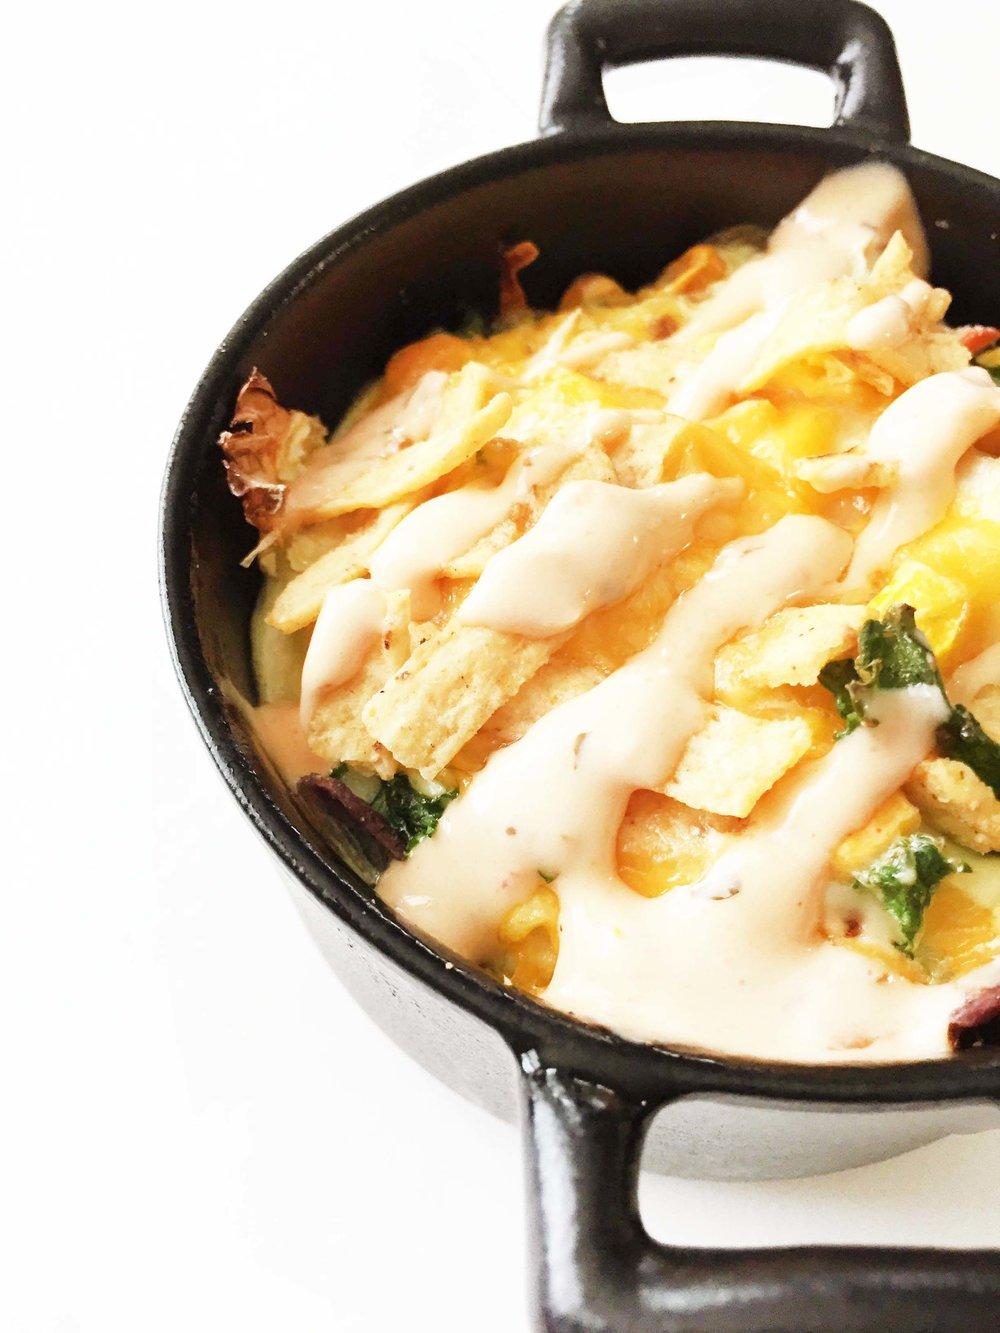 kale-egg-bake2.jpg